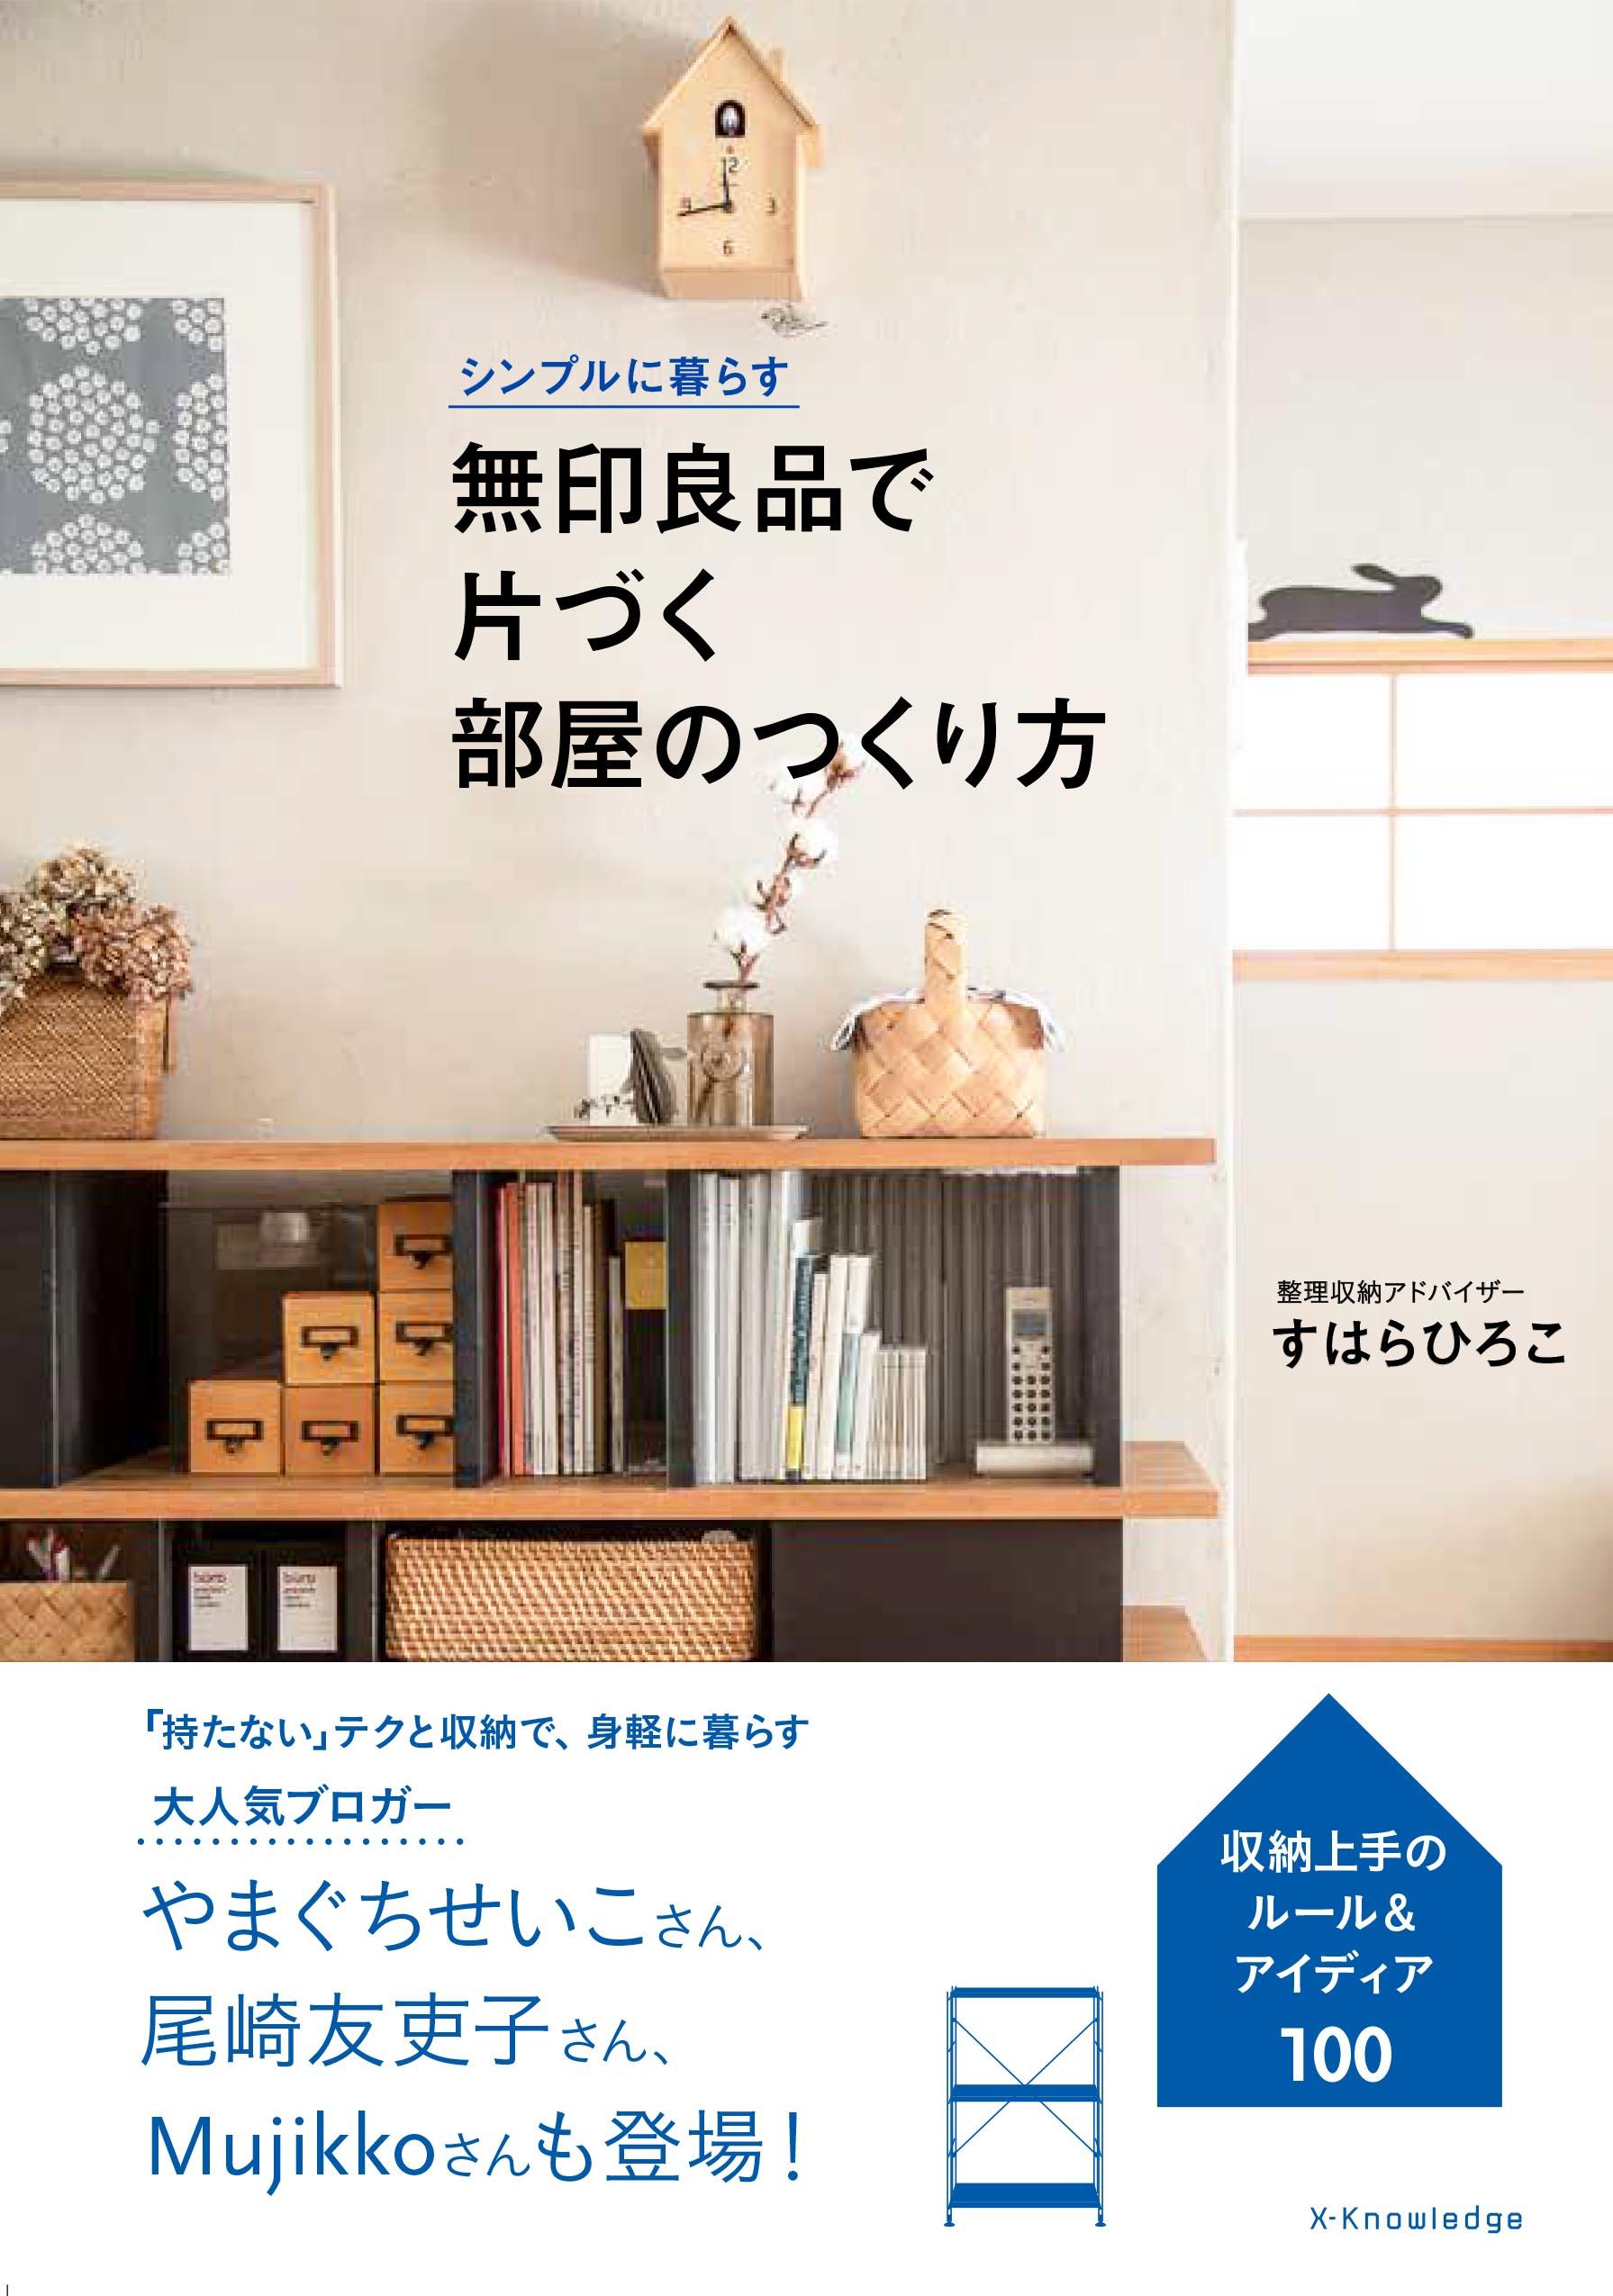 シンプルに暮らす 無印良品で片づく部屋のつくり方